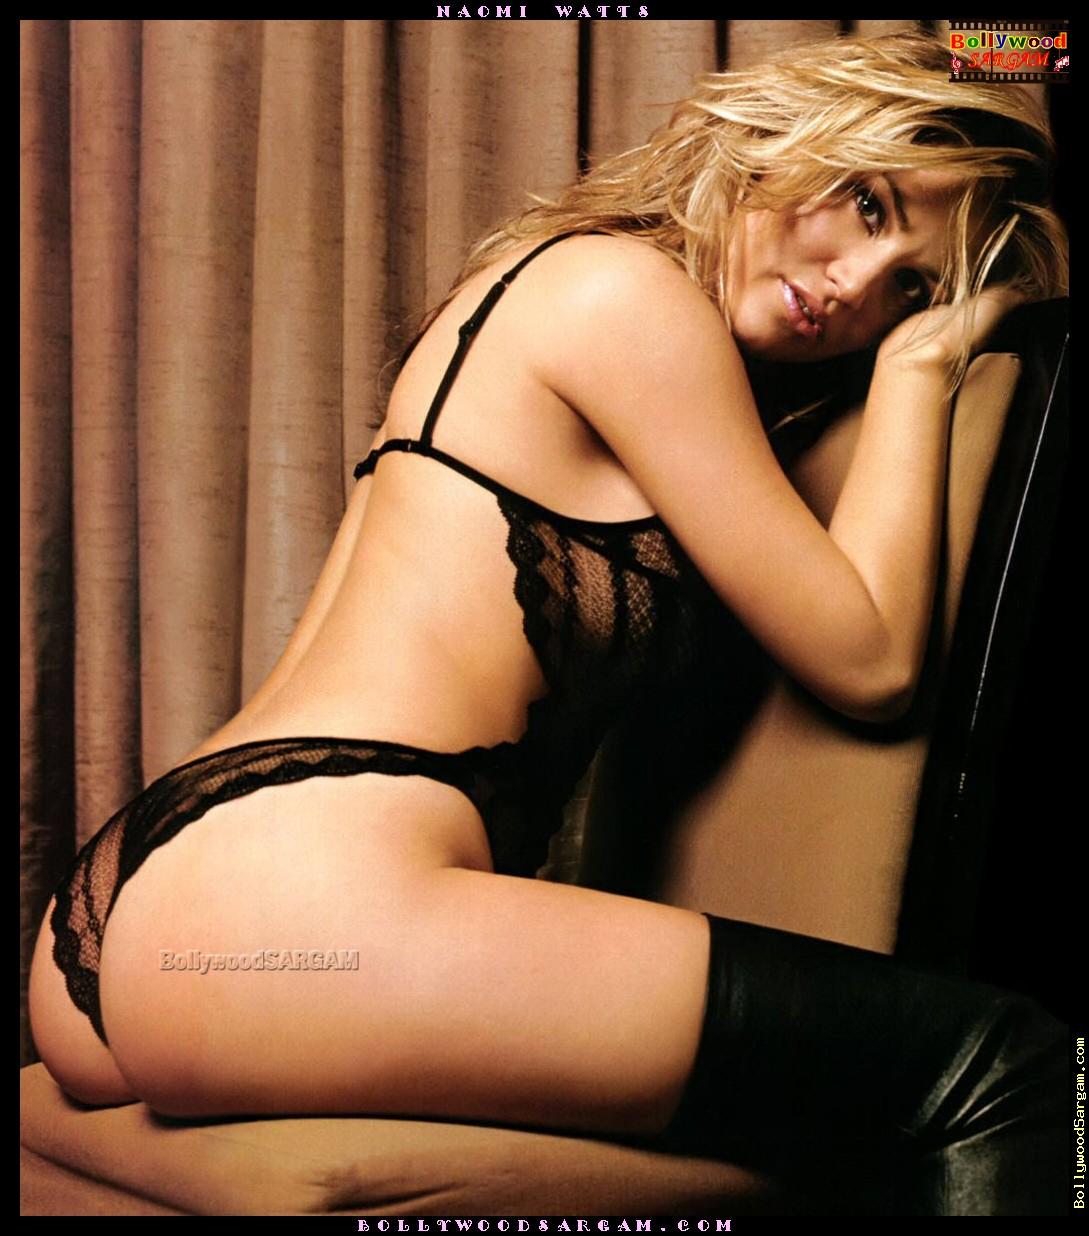 http://2.bp.blogspot.com/-TlSkxu2_lrw/TgnPICKRVpI/AAAAAAAAGgw/a6_U4p0kt7M/s1600/4af80_Naomi_Watts_BollywoodSargam_hot_7439081.jpg